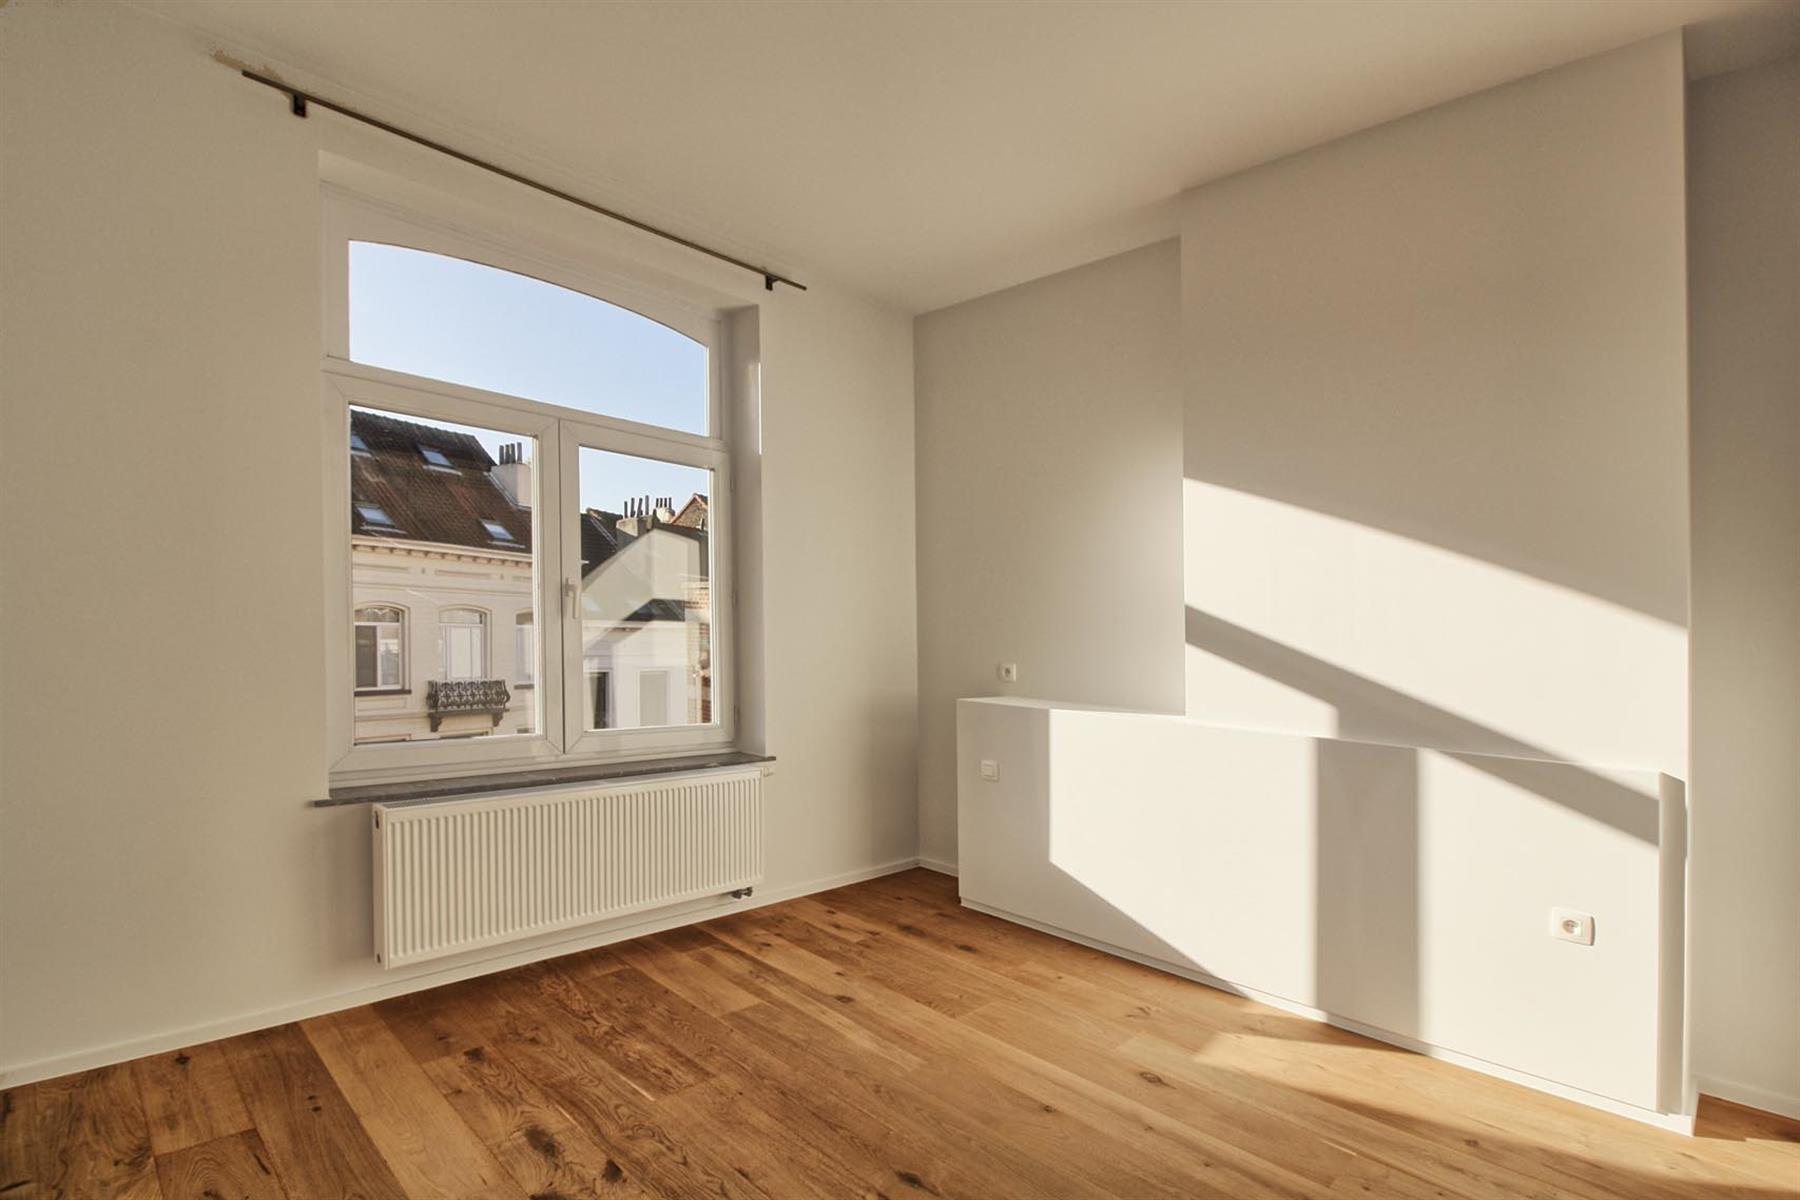 Flat - Schaerbeek - #4289658-4